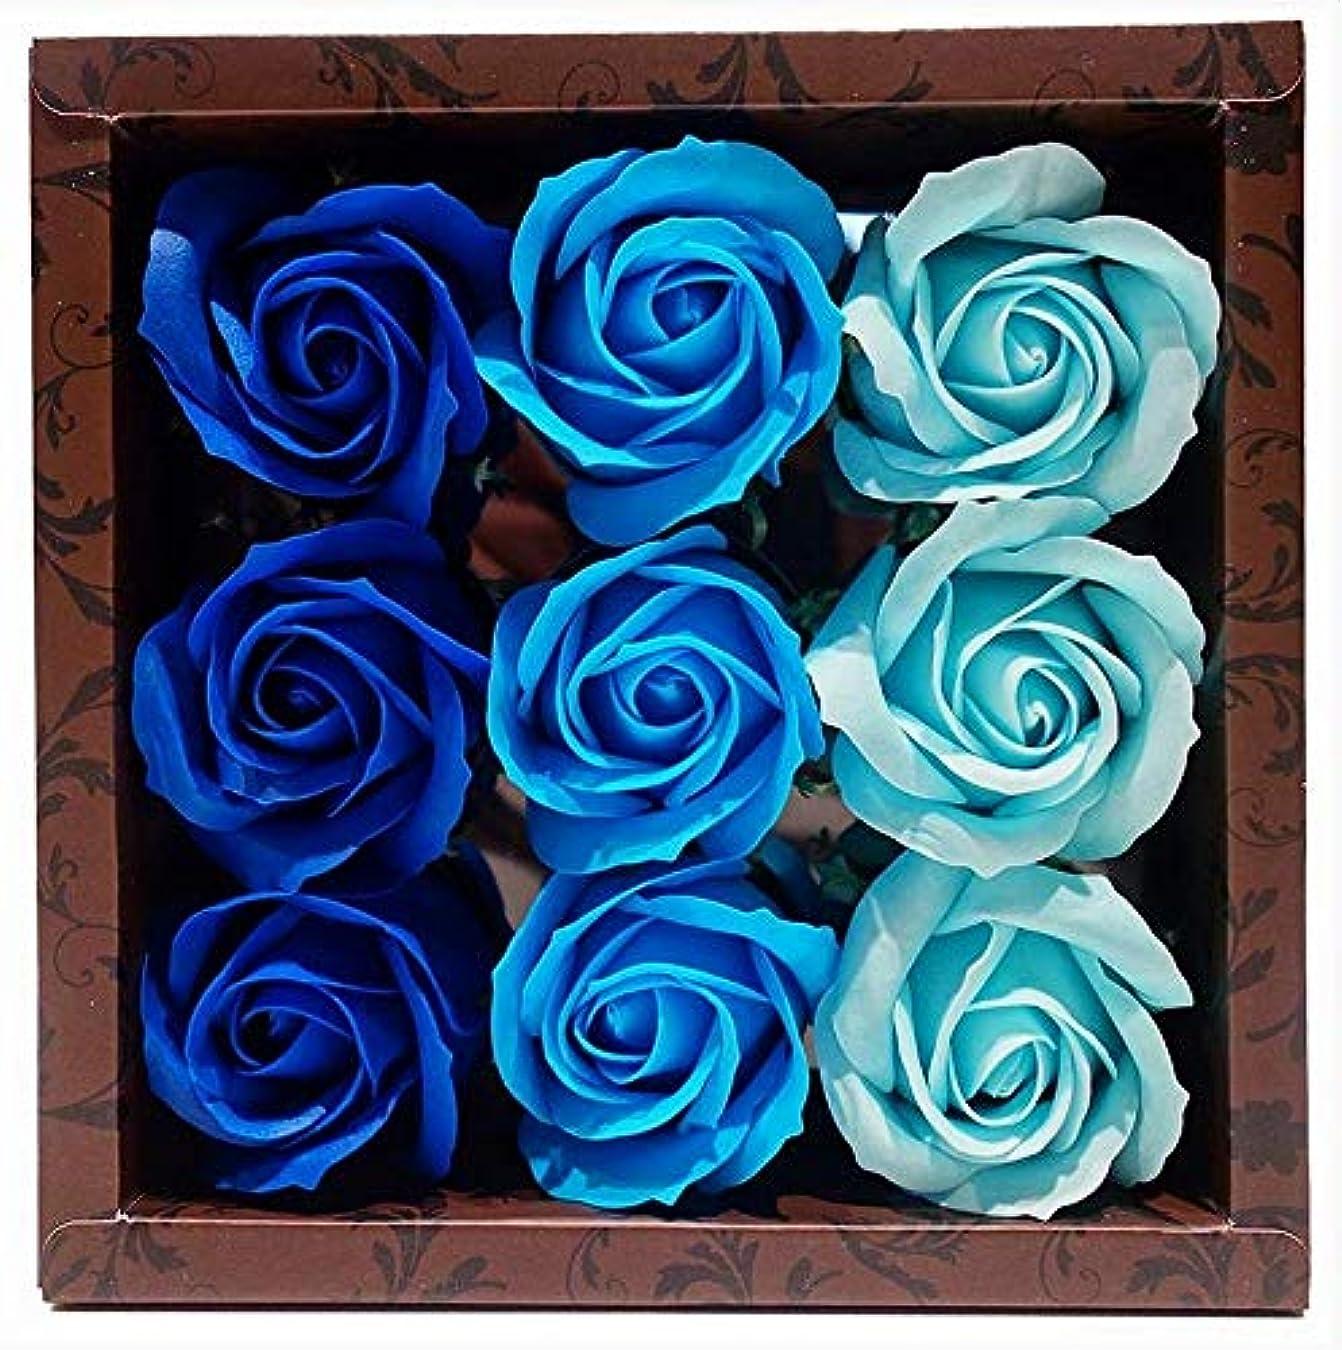 放棄する凶暴なピルファー花のカタチの入浴料 ローズ バスフレグランス フラワーフレグランス バスフラワー (ブルー)